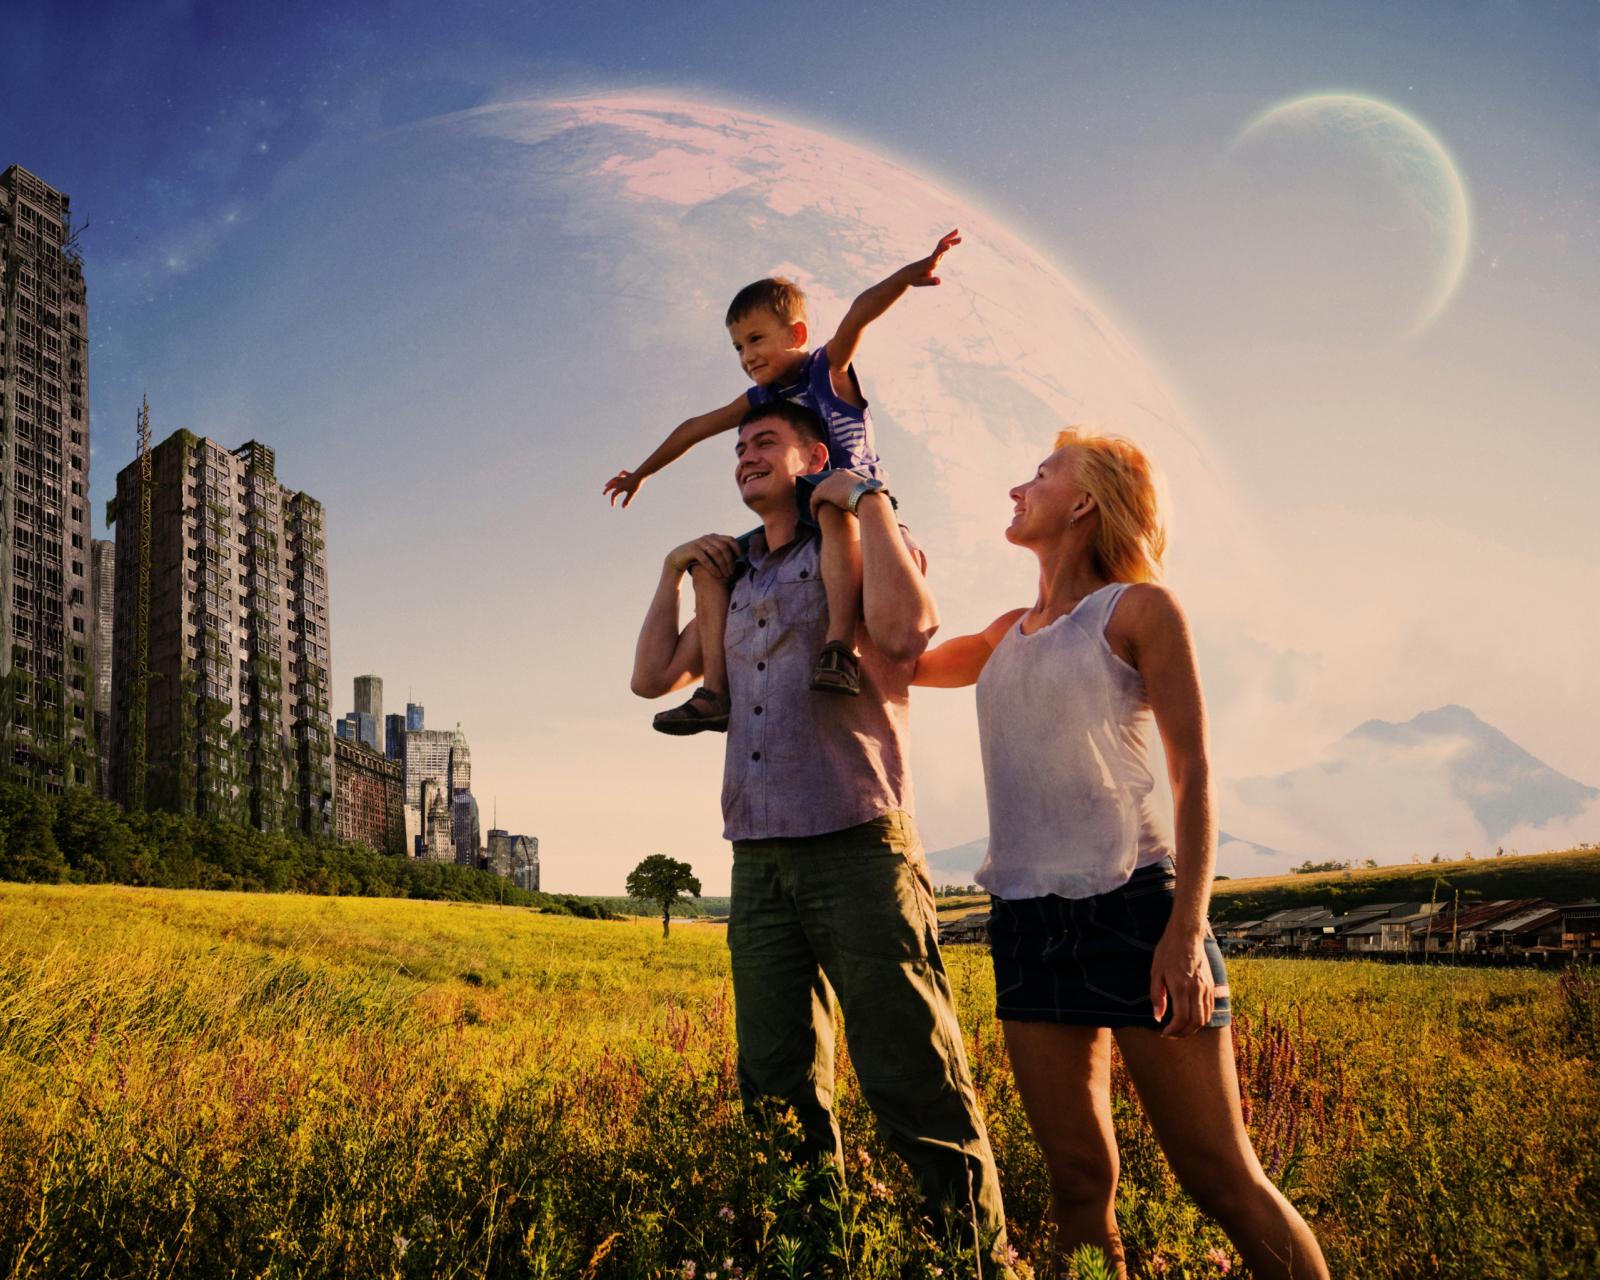 осталось картинки семья под небом образуются, как